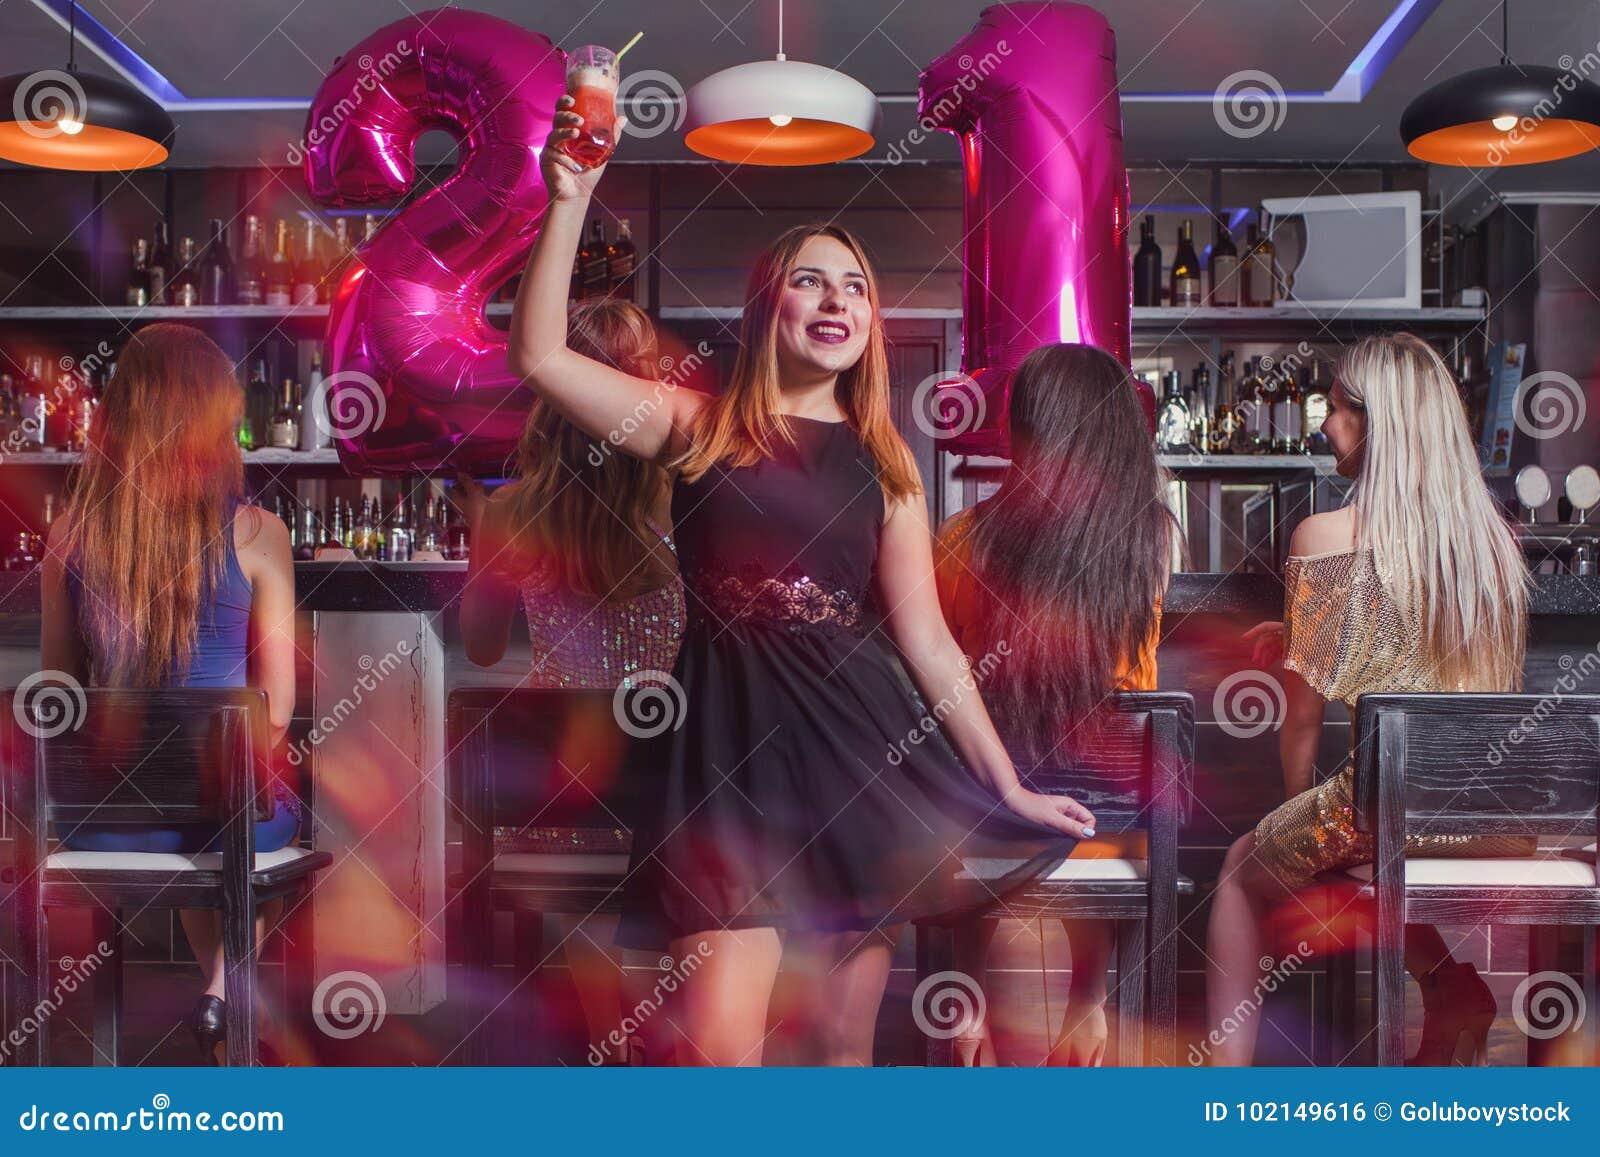 Νέα γυναίκα 21 γιορτή γενεθλίων στη λέσχη νύχτας